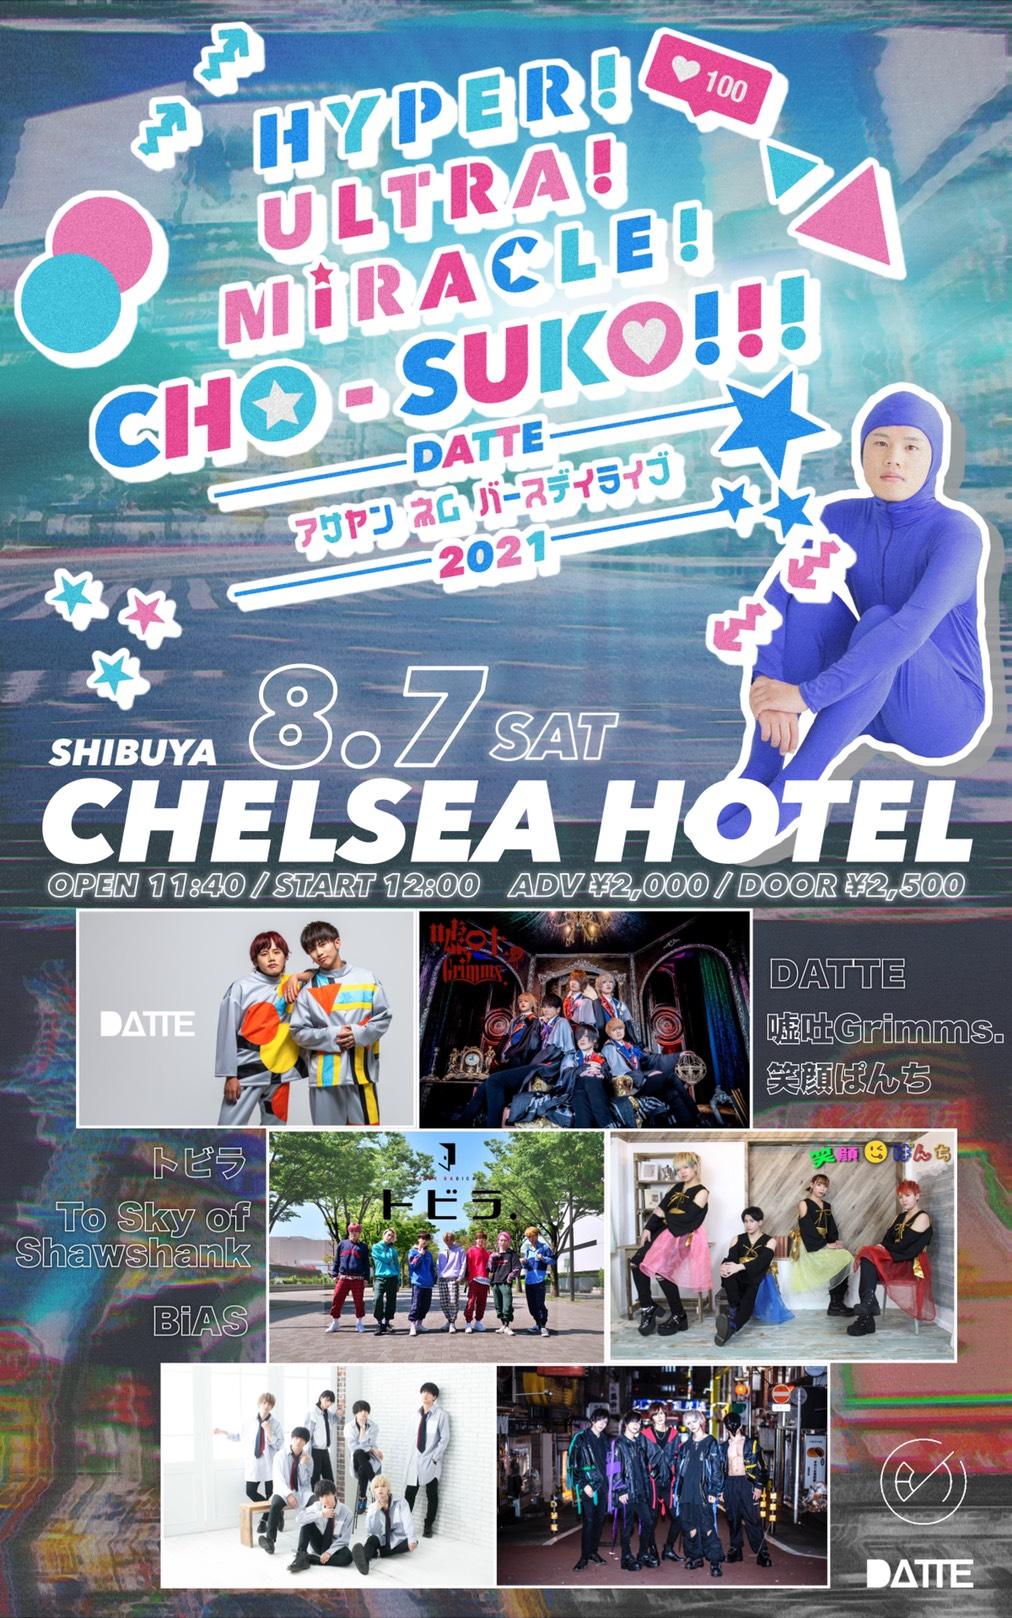 アサヤン ネム バースデイライブ 2021 ~HYPER! ULTRA! MiRACLE! CHO-SUKO!!! ~